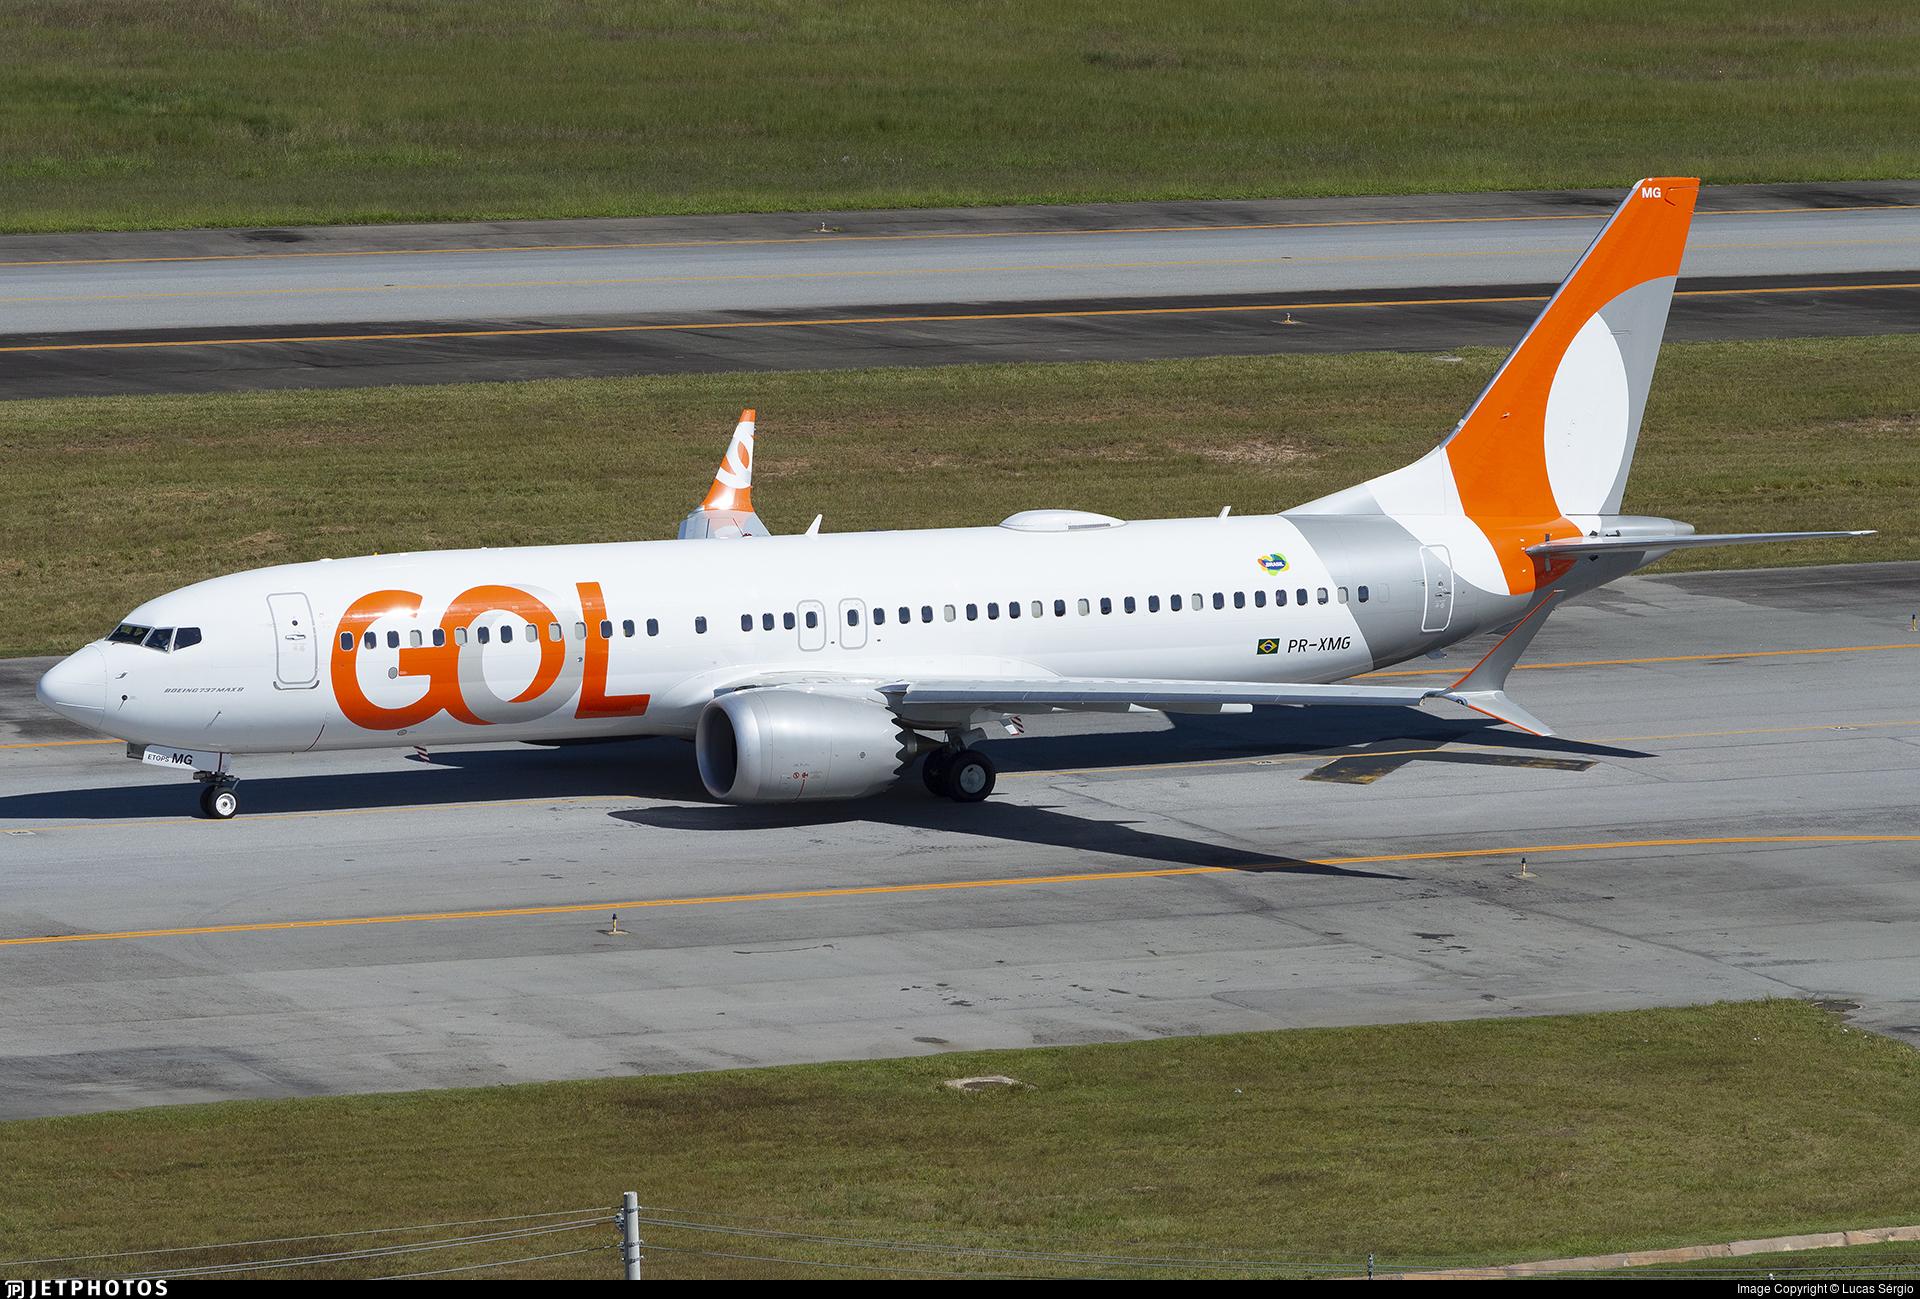 PR-XMG - Boeing 737-8 MAX - GOL Linhas Aereas